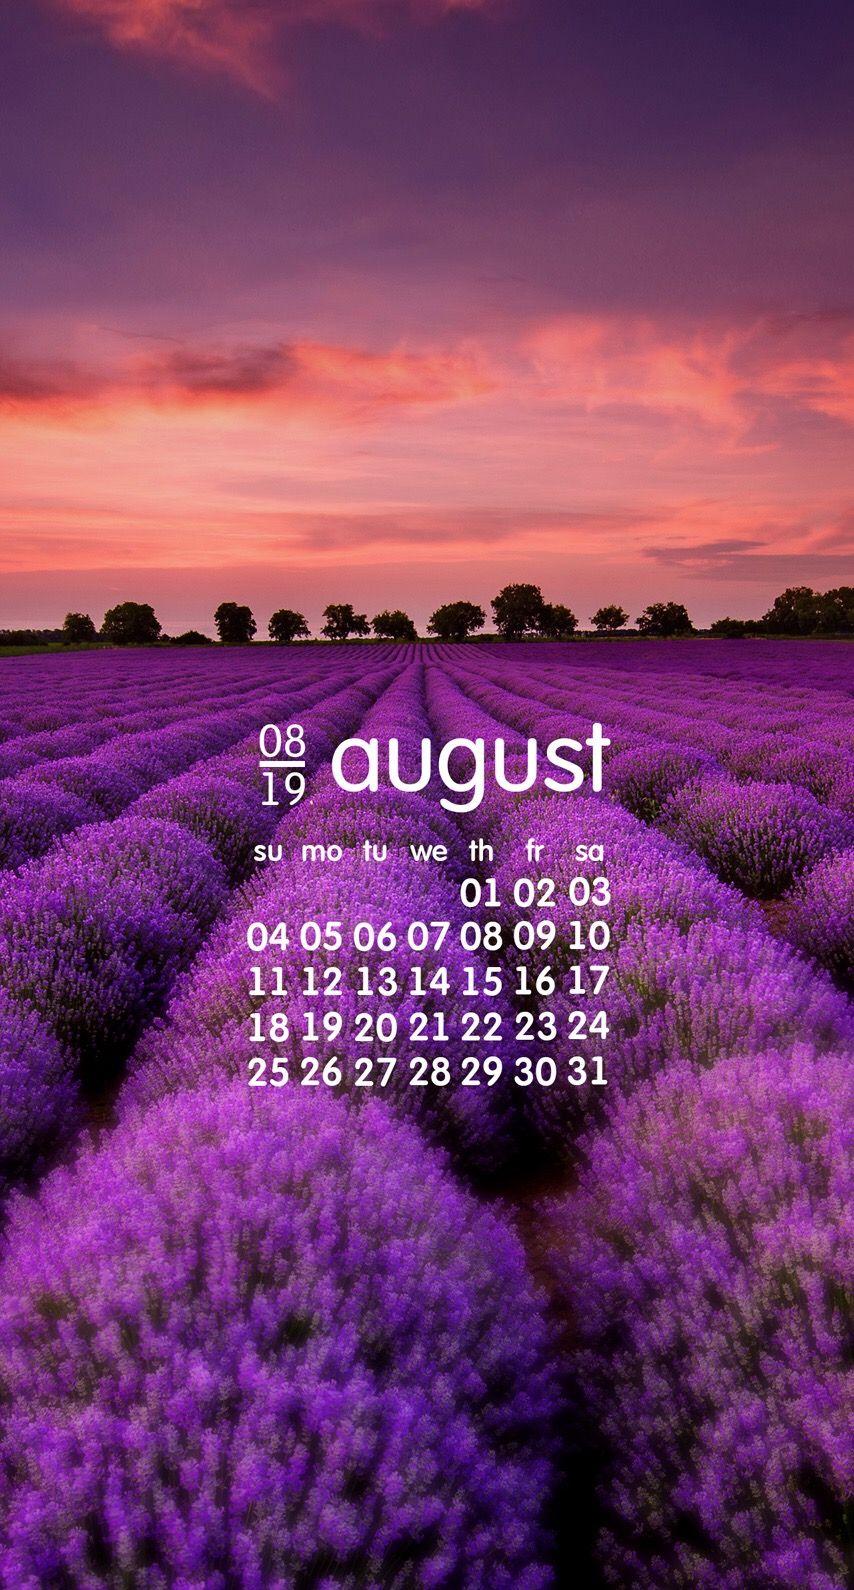 Wallpaper Hdwallpaper Background August Iphone Iphonewallpaper Androidwallpaper Android Purple Cool Backgrounds Hd Wallpaper Special Wallpaper